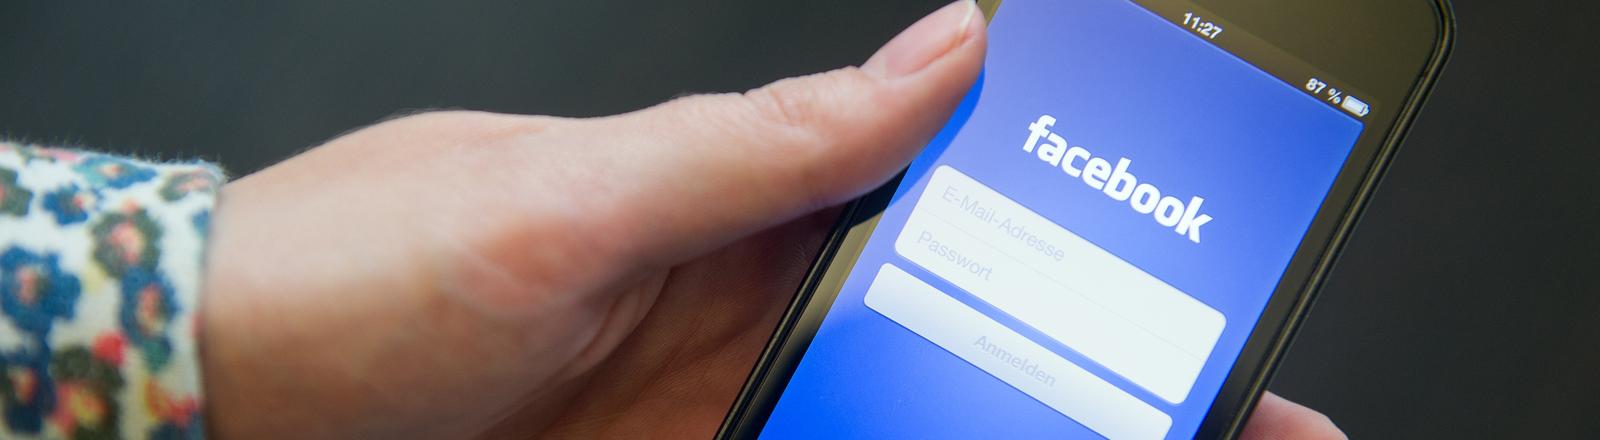 Eine Frau hält am 11.09.2014 in Berlin ein iPhone mit der geöffneten Facebook App in ihrer Hand.